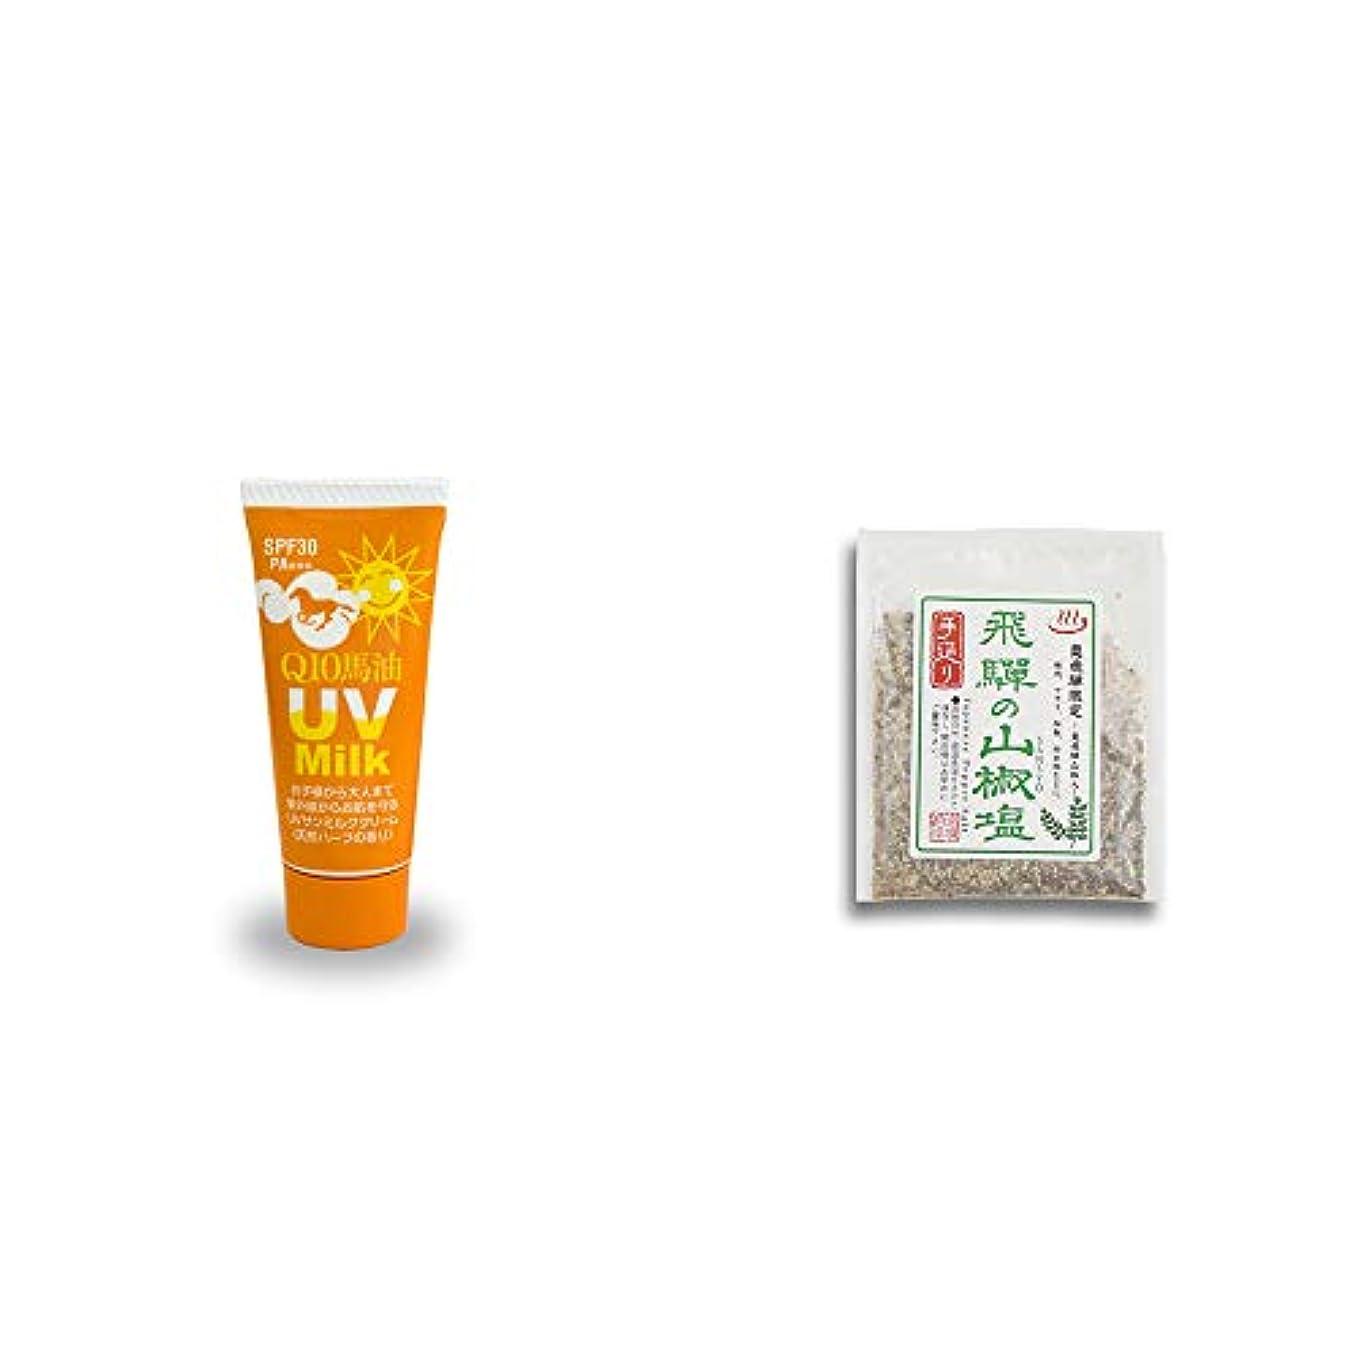 認証望む[2点セット] 炭黒泉 Q10馬油 UVサンミルク[天然ハーブ](40g)?手造り 飛騨の山椒塩(40g)